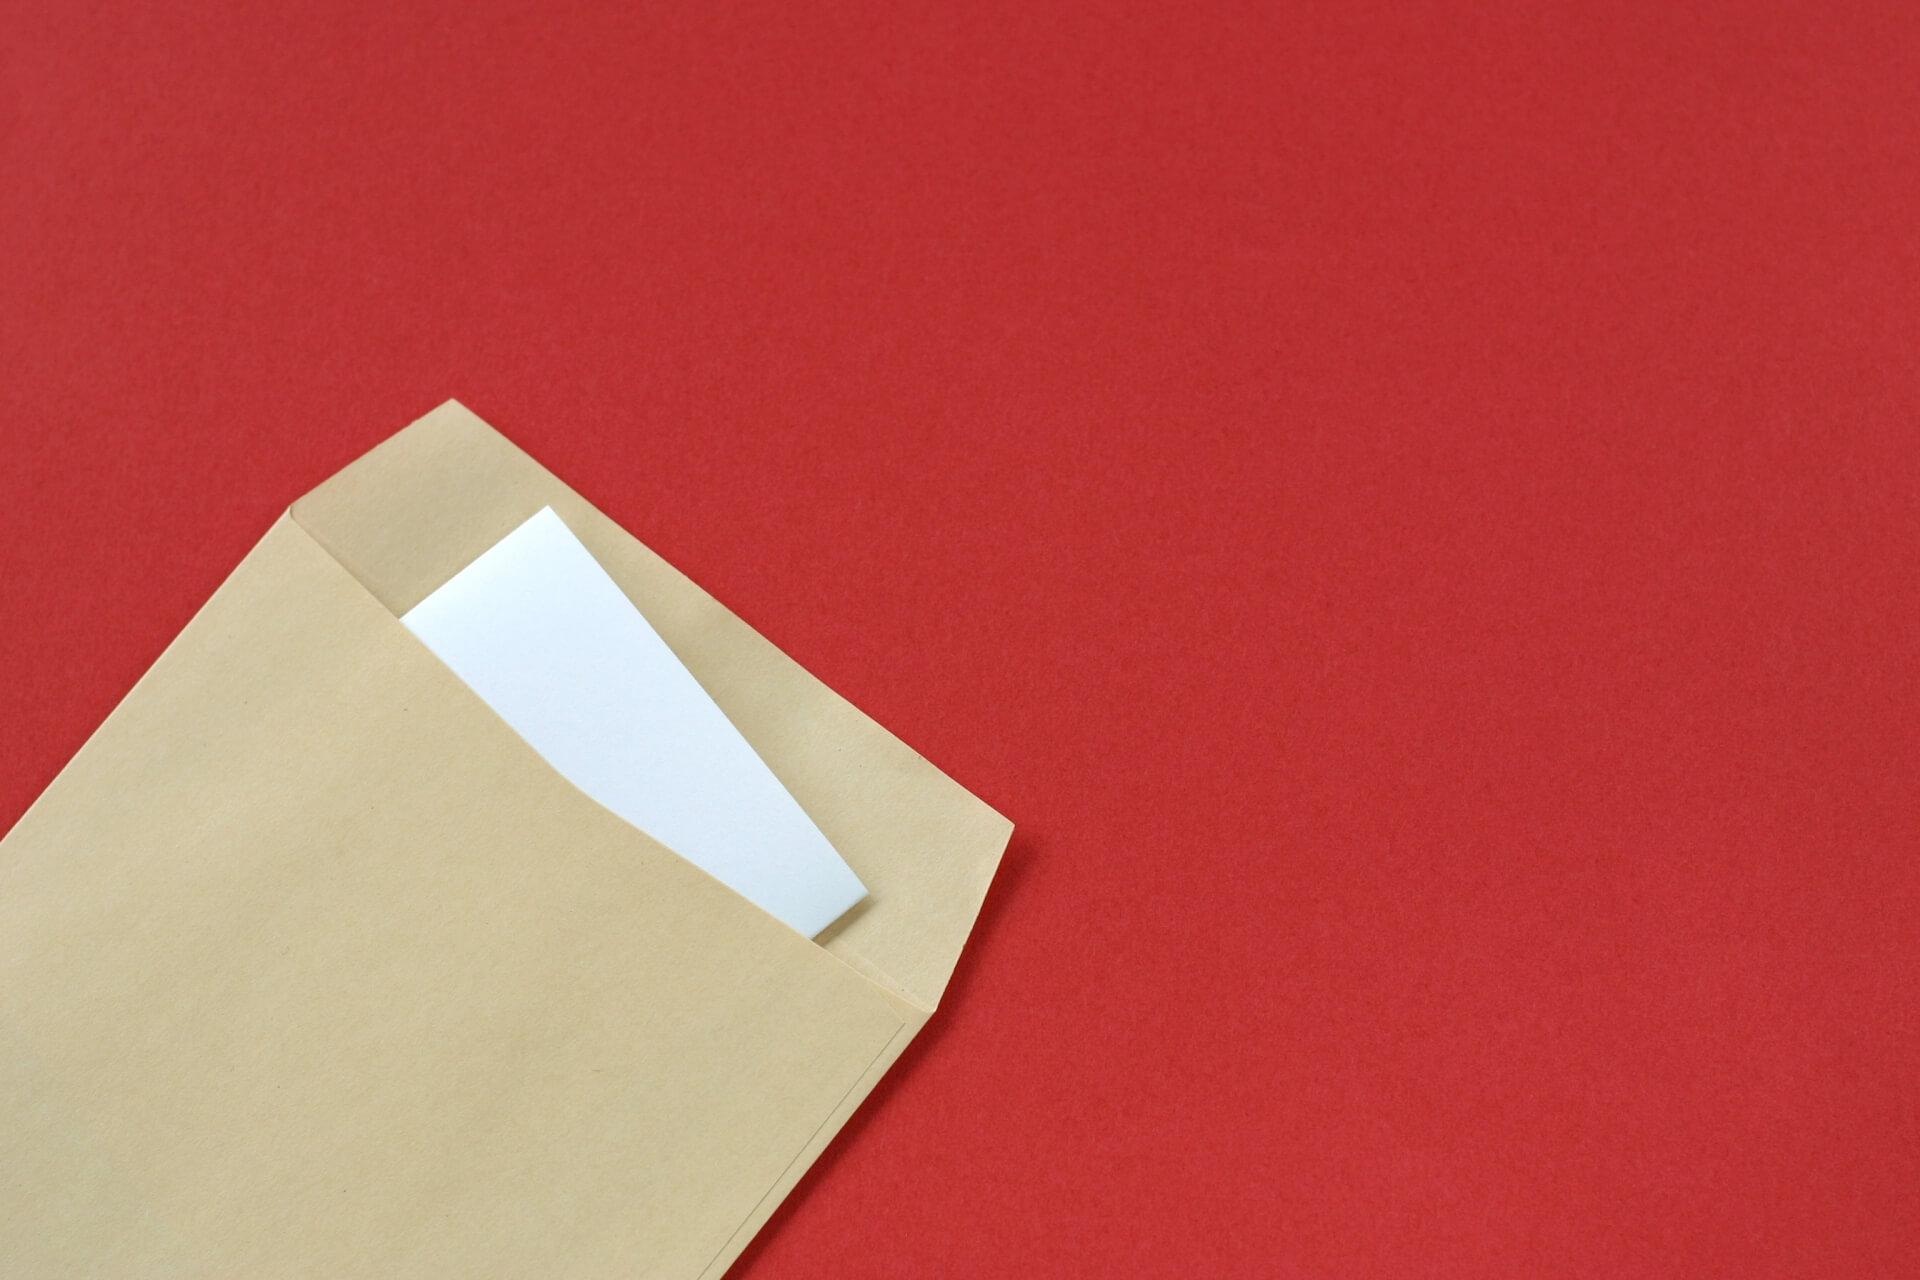 簡易 書留 追跡 郵便 局